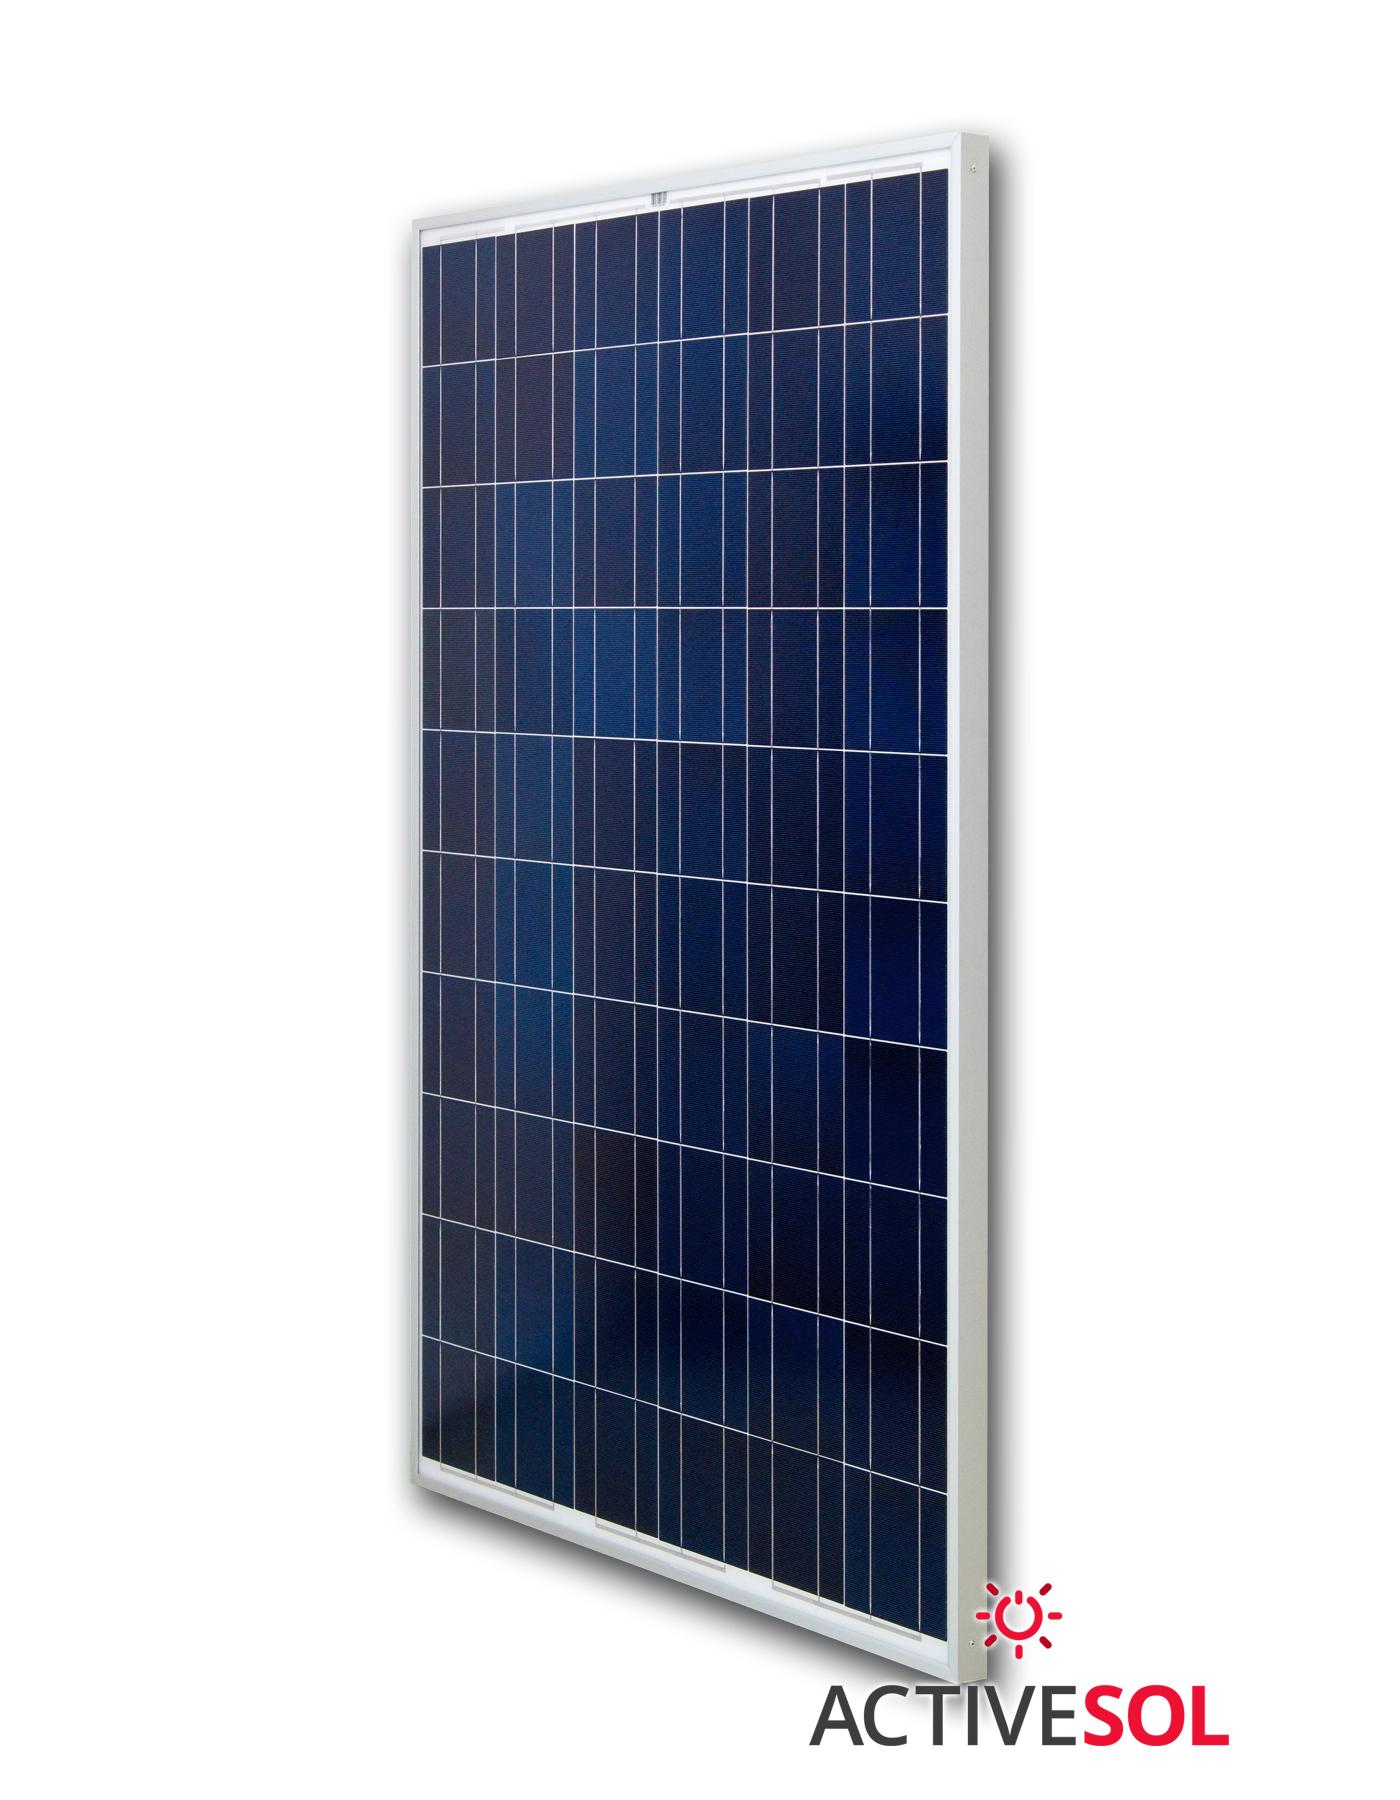 Zestaw fotowoltaiczny PV ACTIVESOL 2,25 kW z montażem